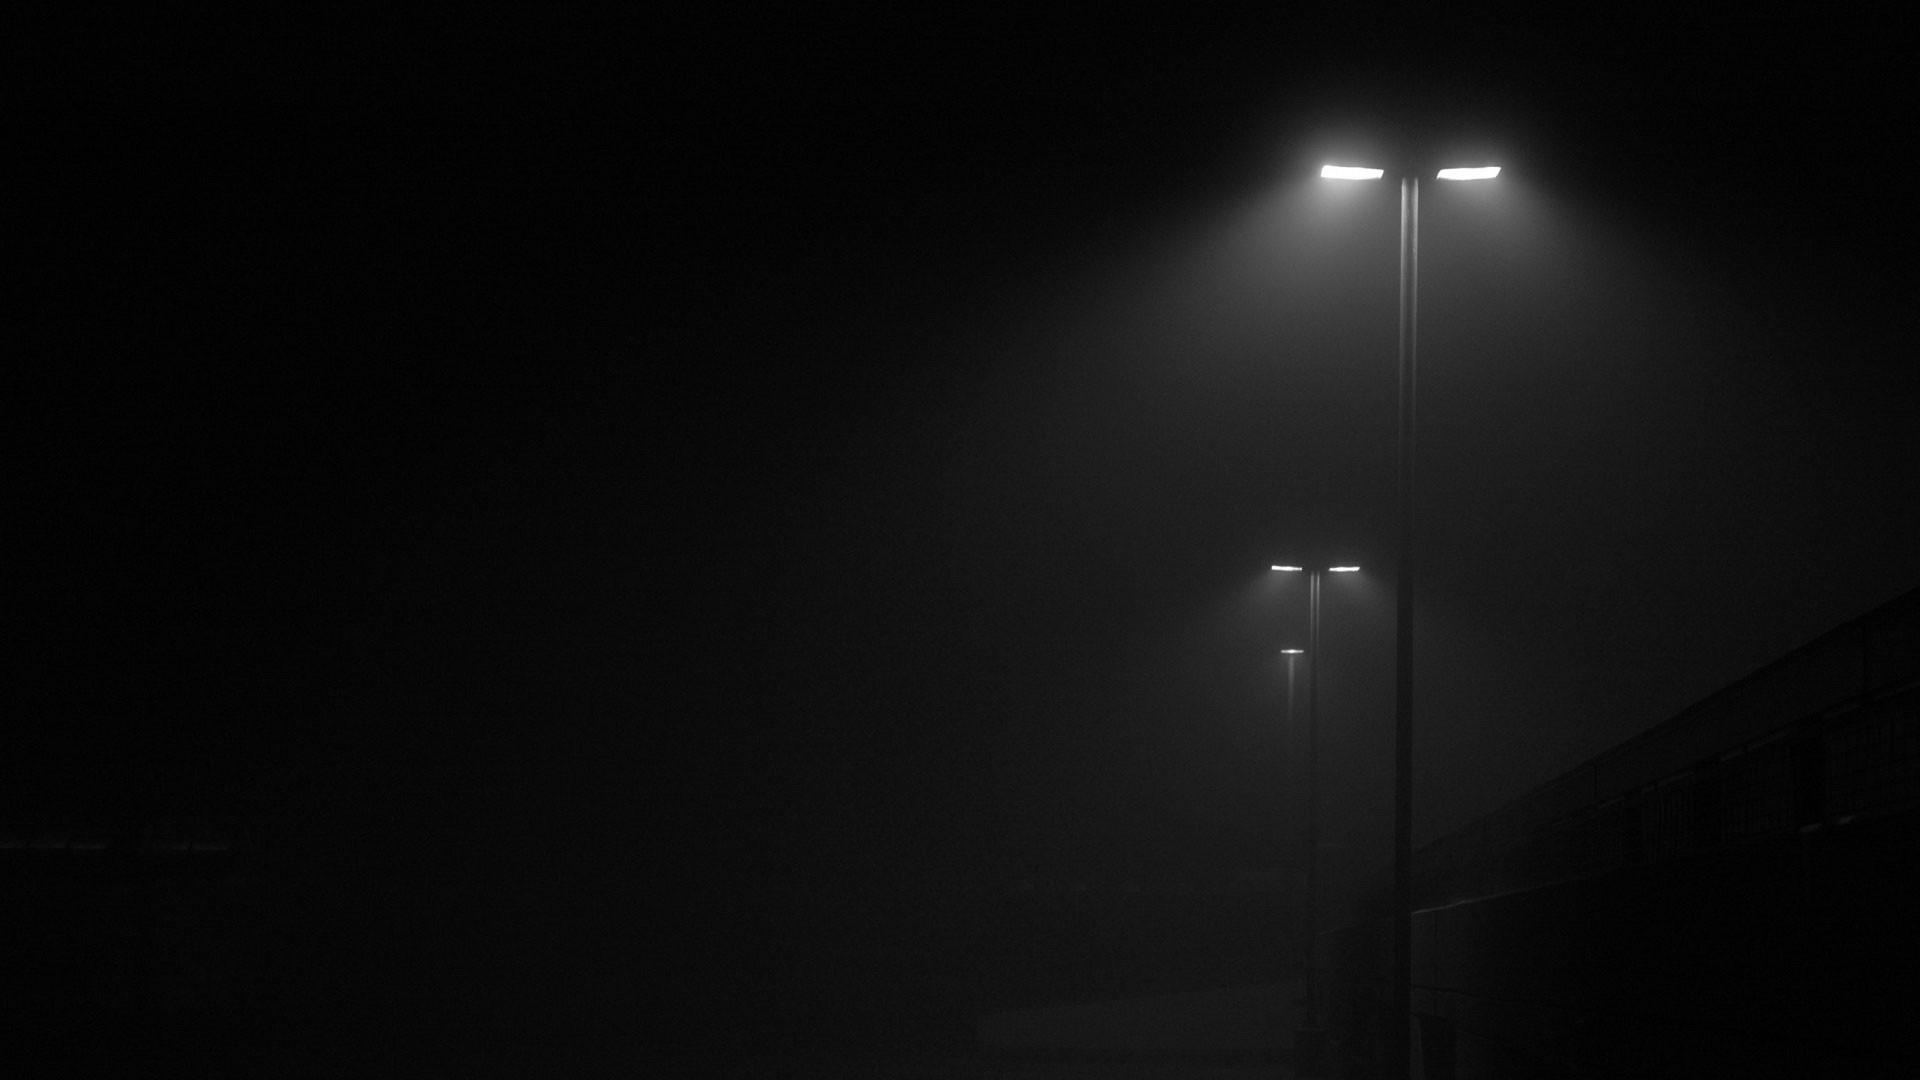 Wallpaper Street Light Night Minimalism Moonlight